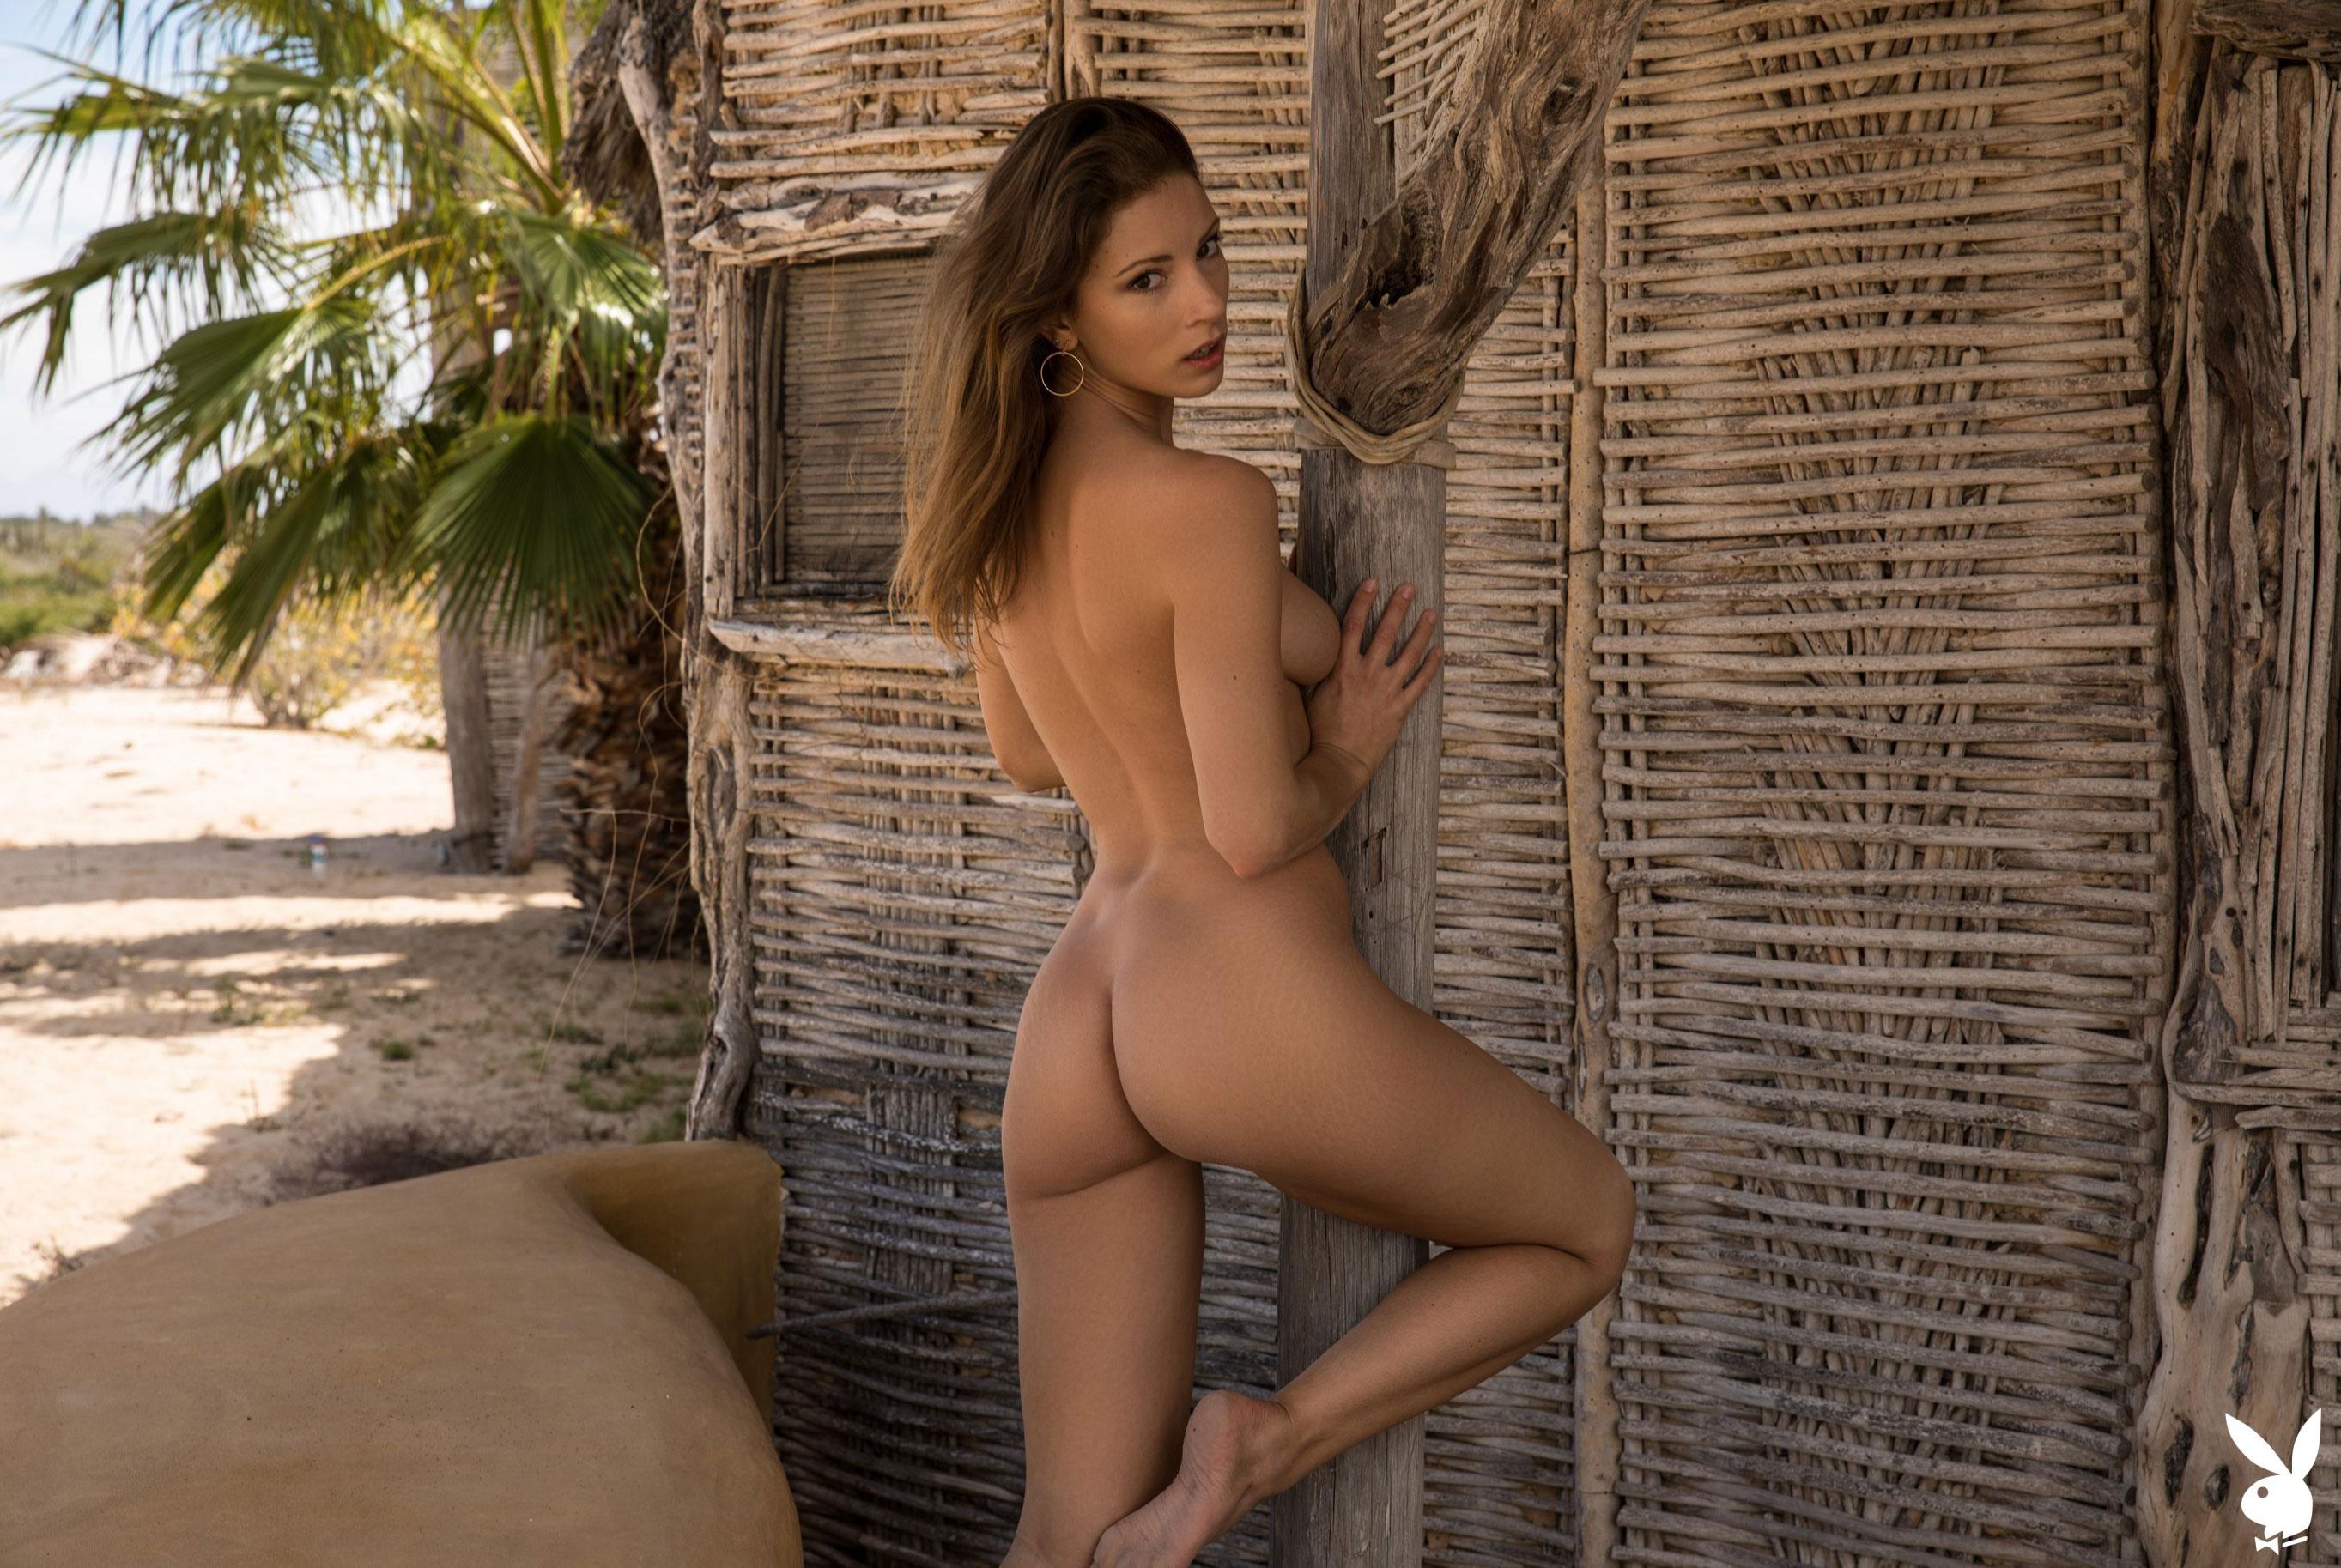 Отдыхаем на мексиканском пляже с сексуальной моделью Playboy / фото 17